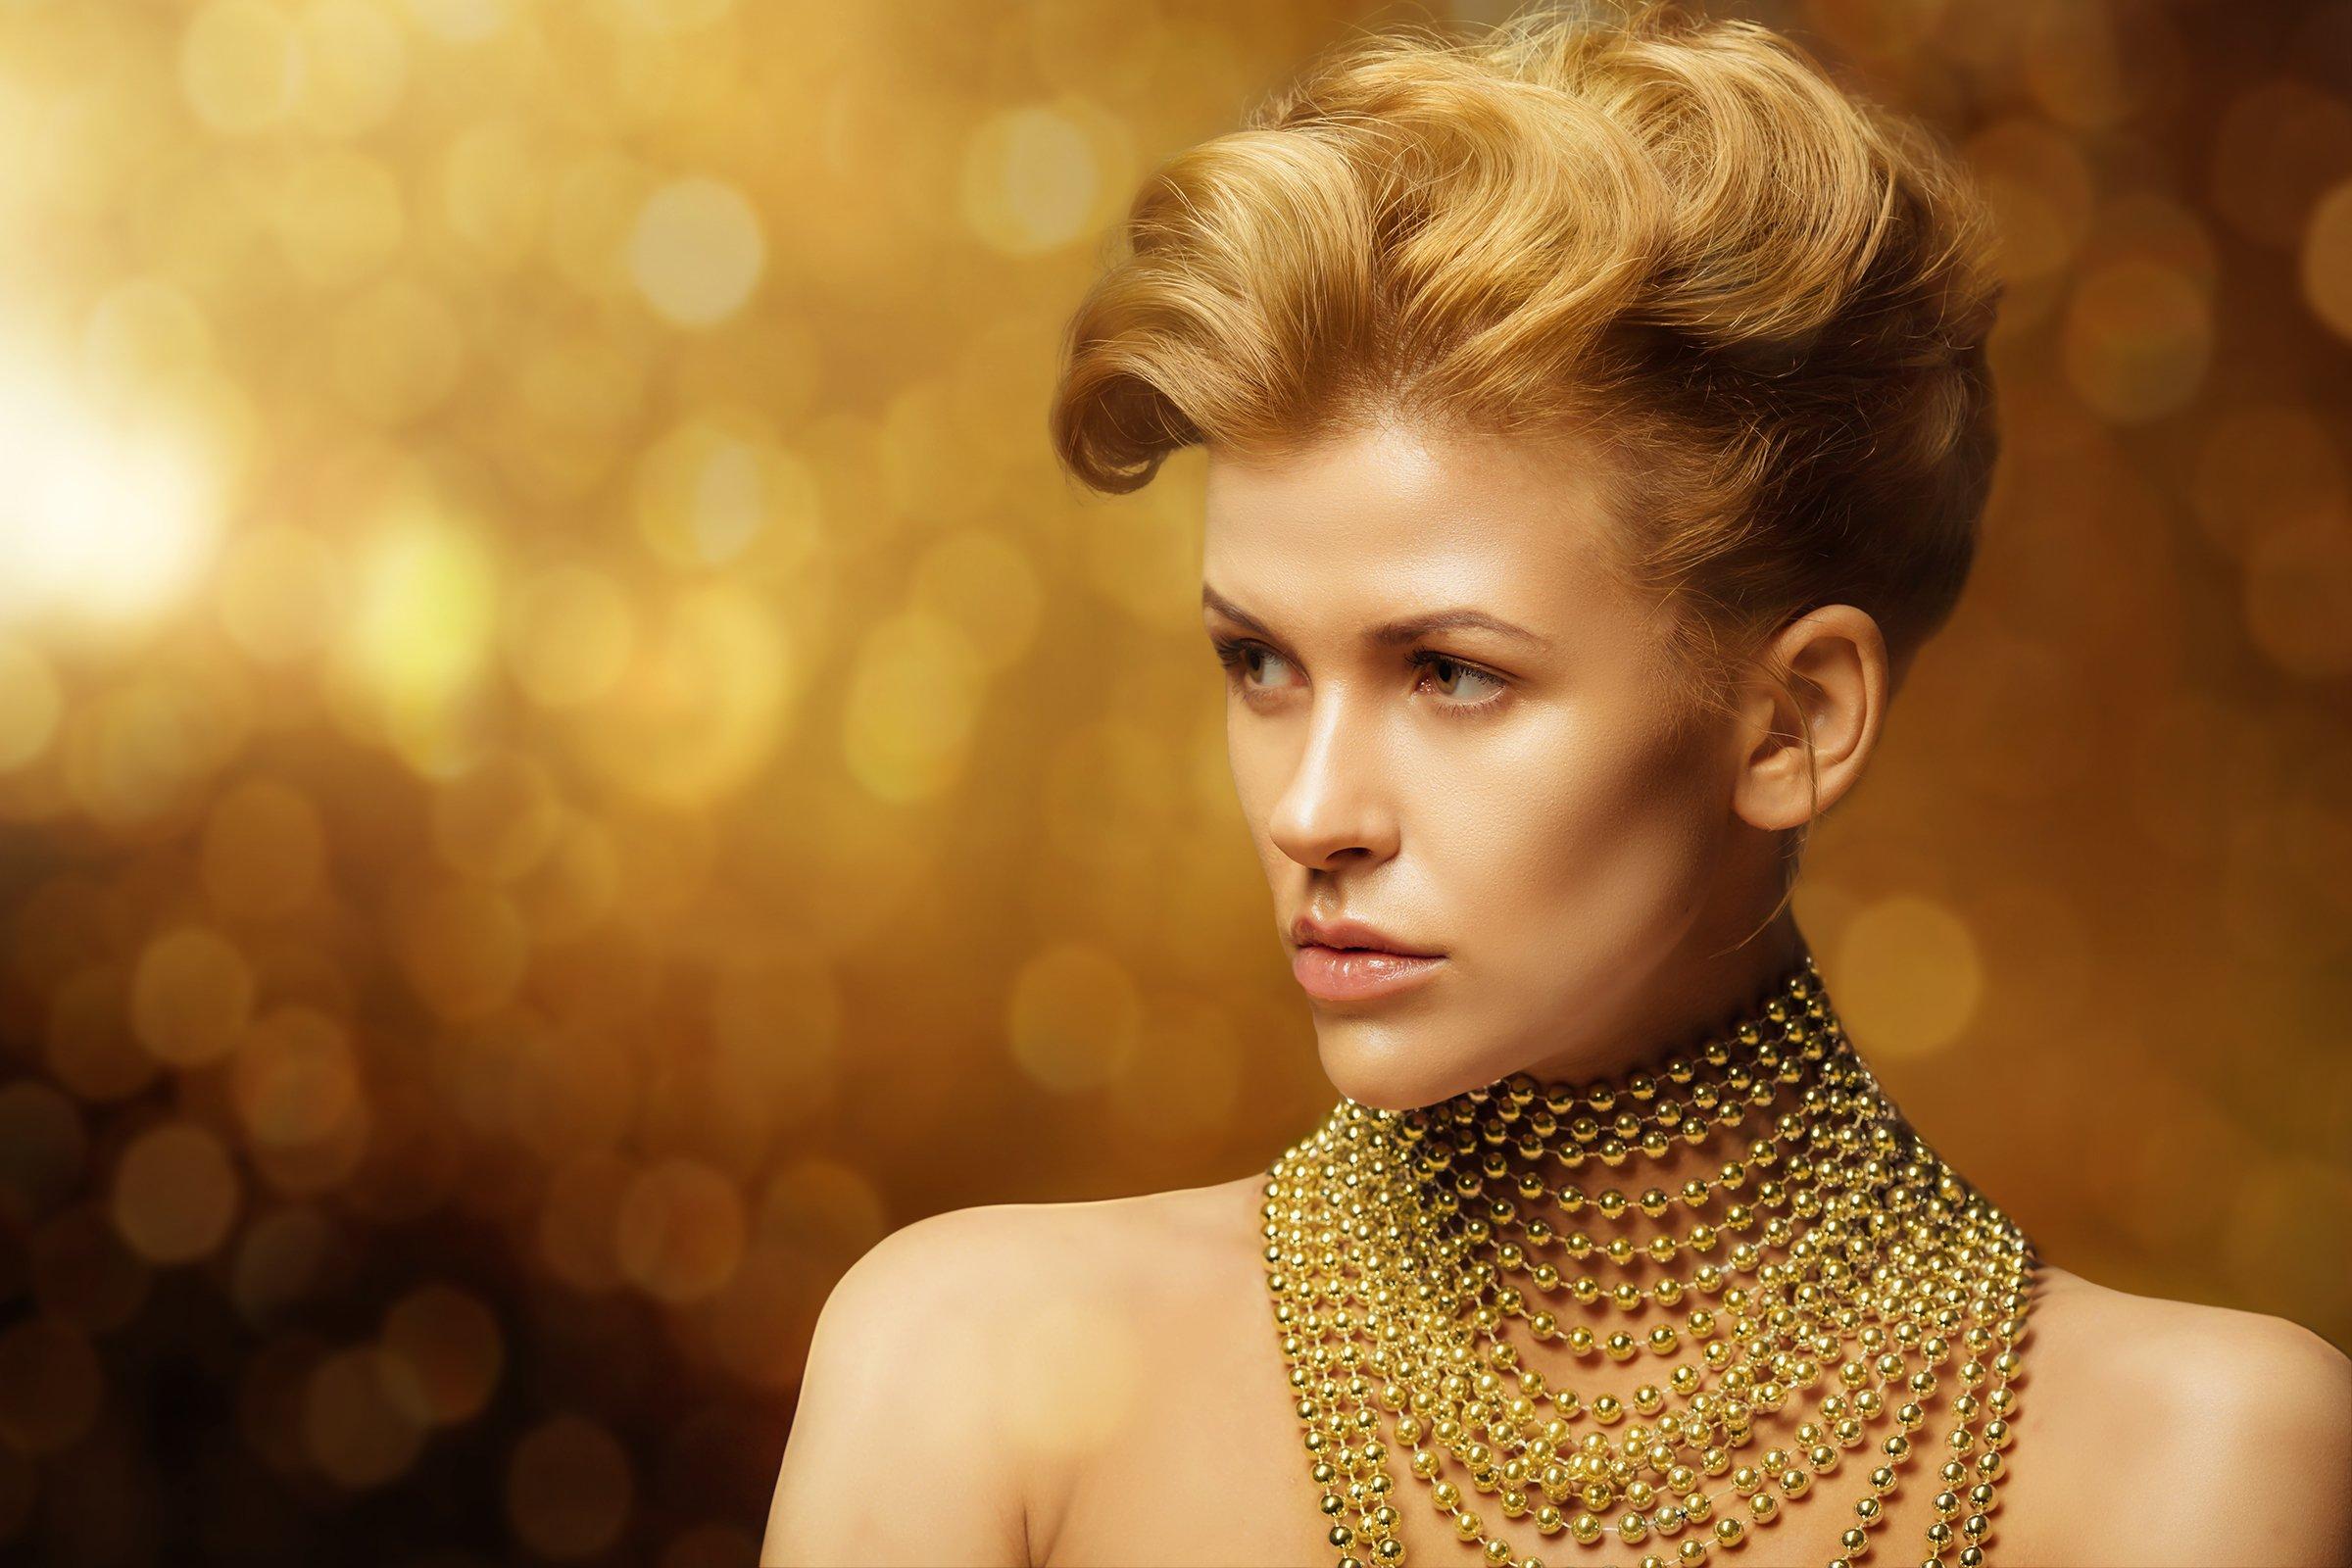 Dior, Боке, Бусы, Желтый цвет, Портрет девушки, Студийный портрет, Фёдоров Денис